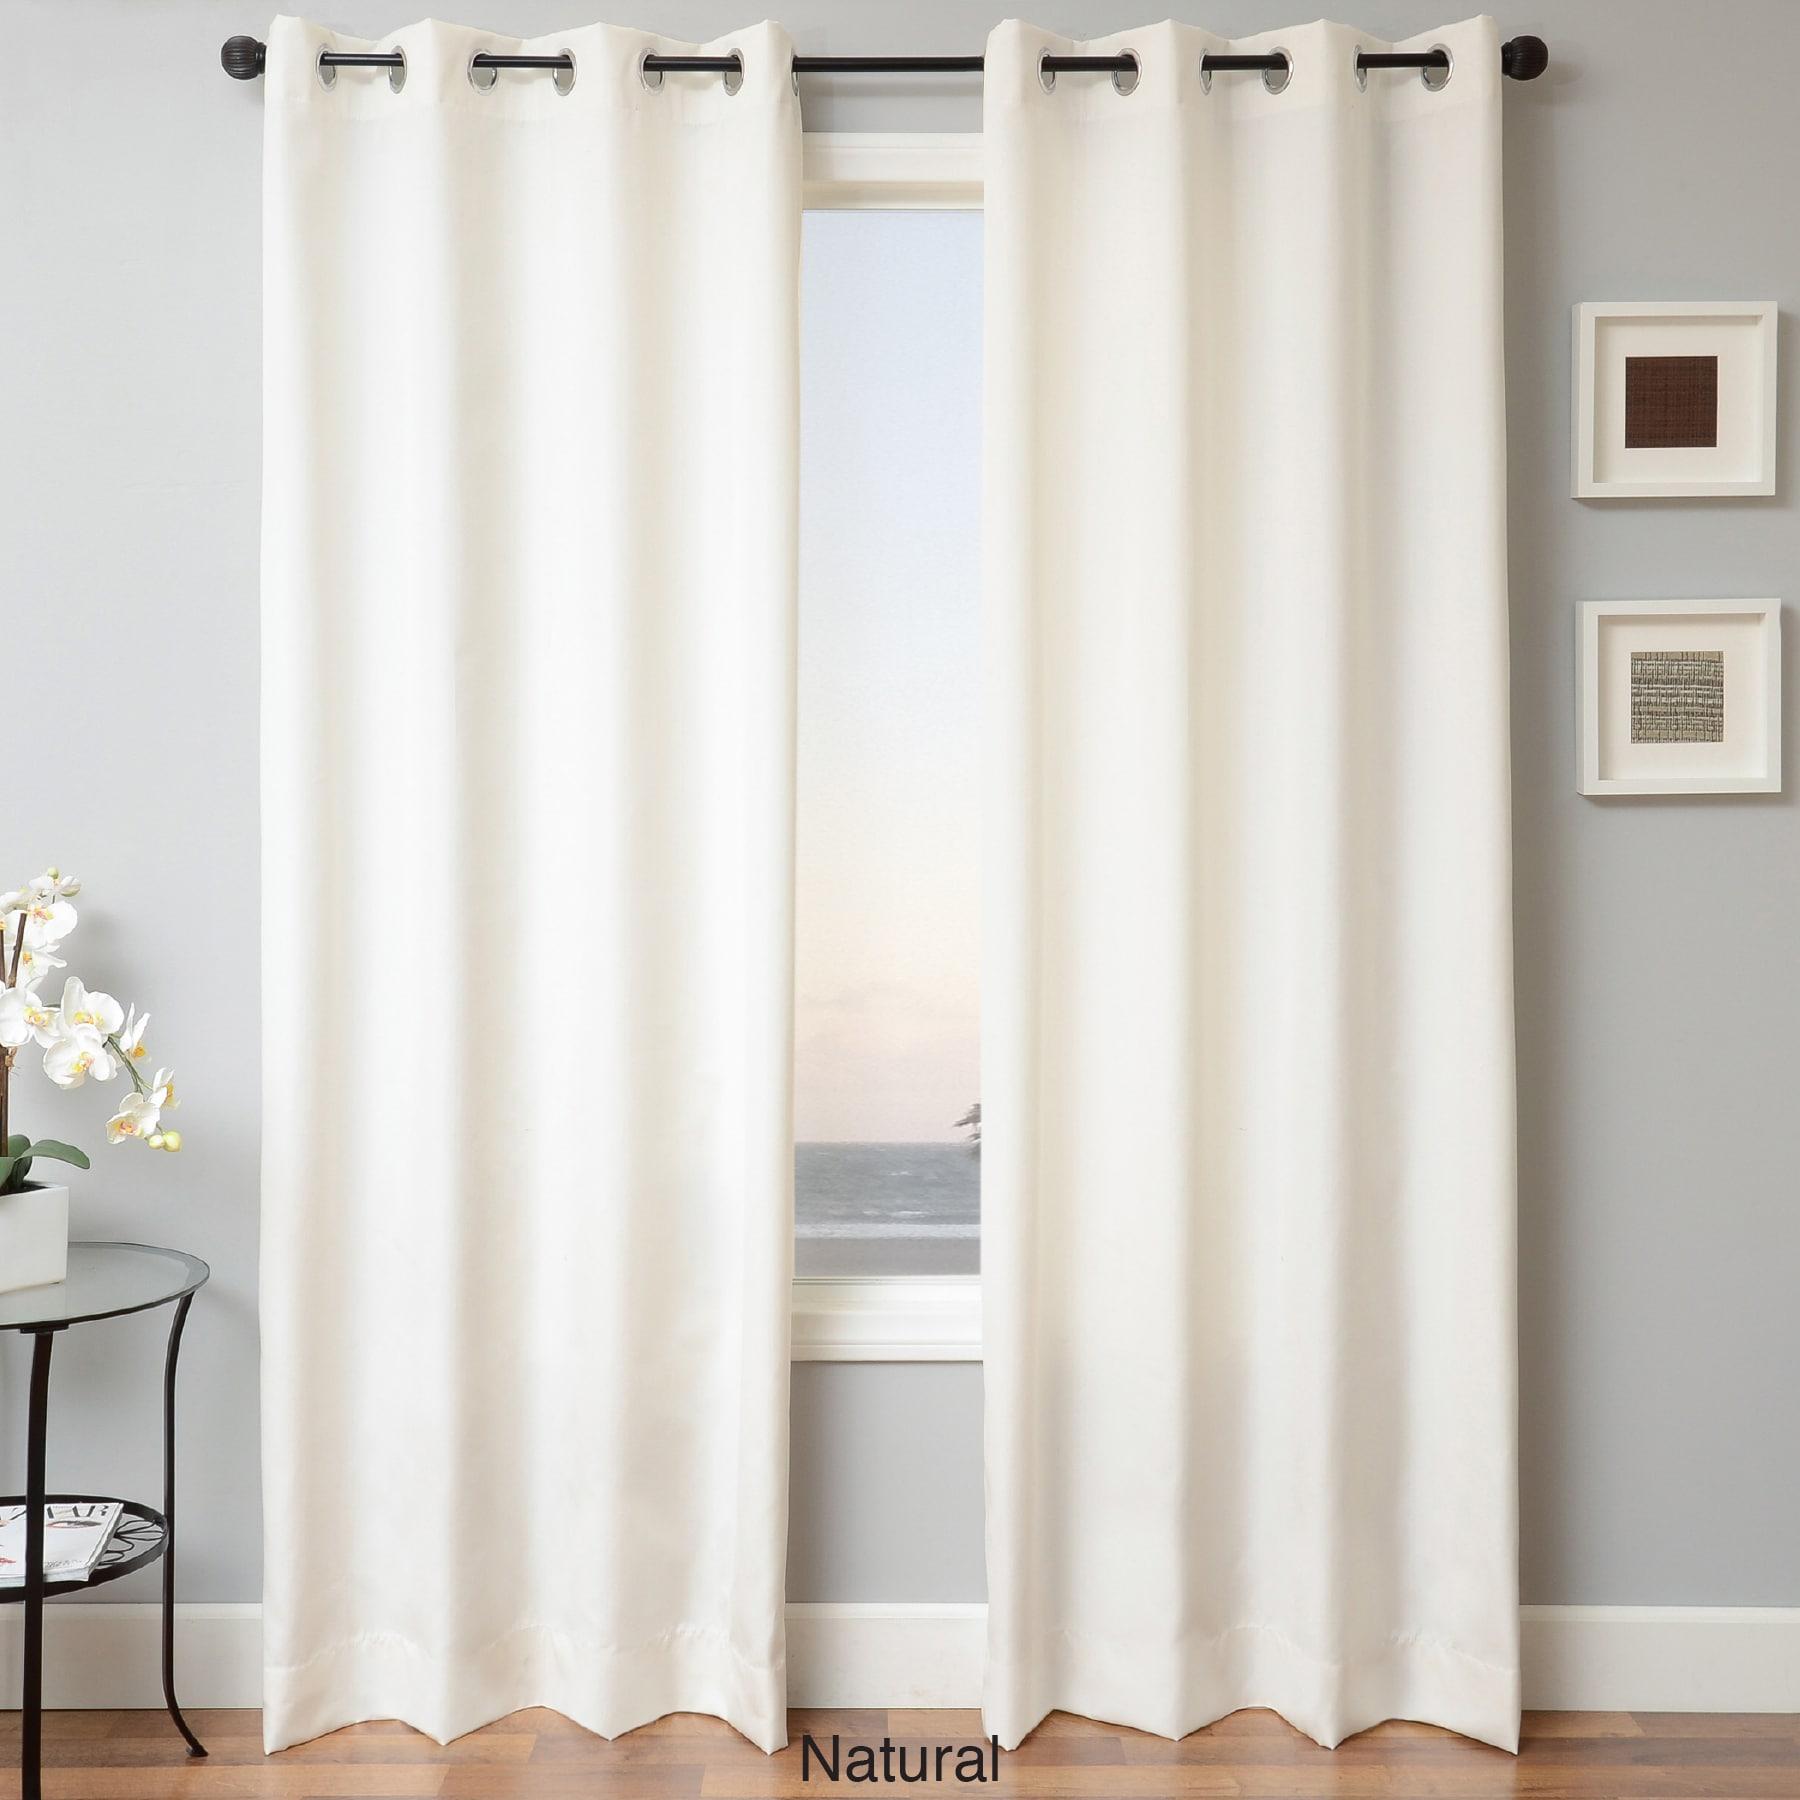 Softline Sunbrella Indoor/Outdoor Grommet Top Curtain Panel - Free Shipping  Today - Overstock.com - 16106828